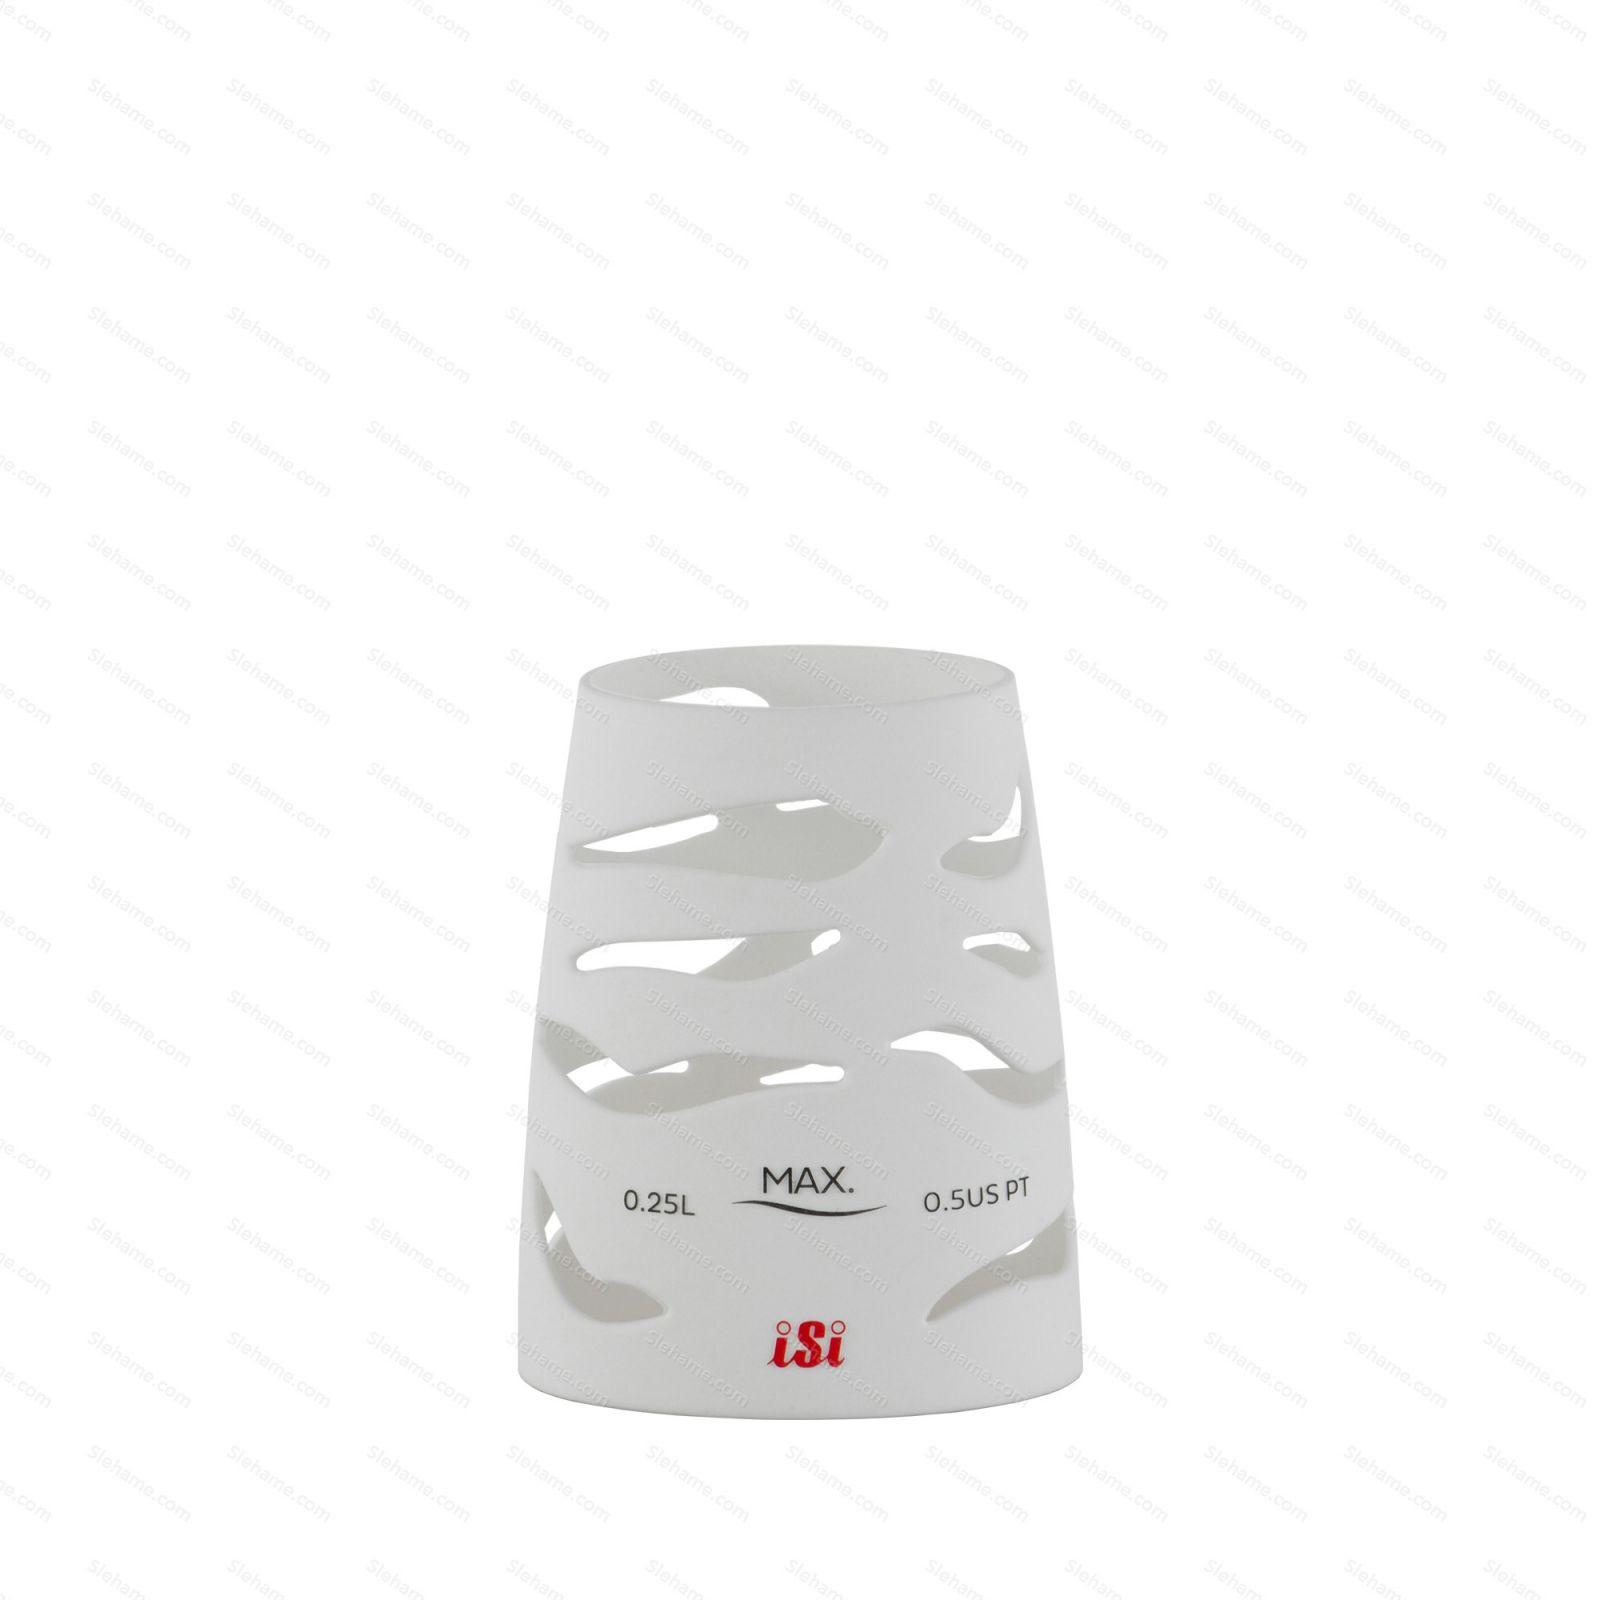 Silikonový návlek pro šlehače iSi 0.25 l, bílý